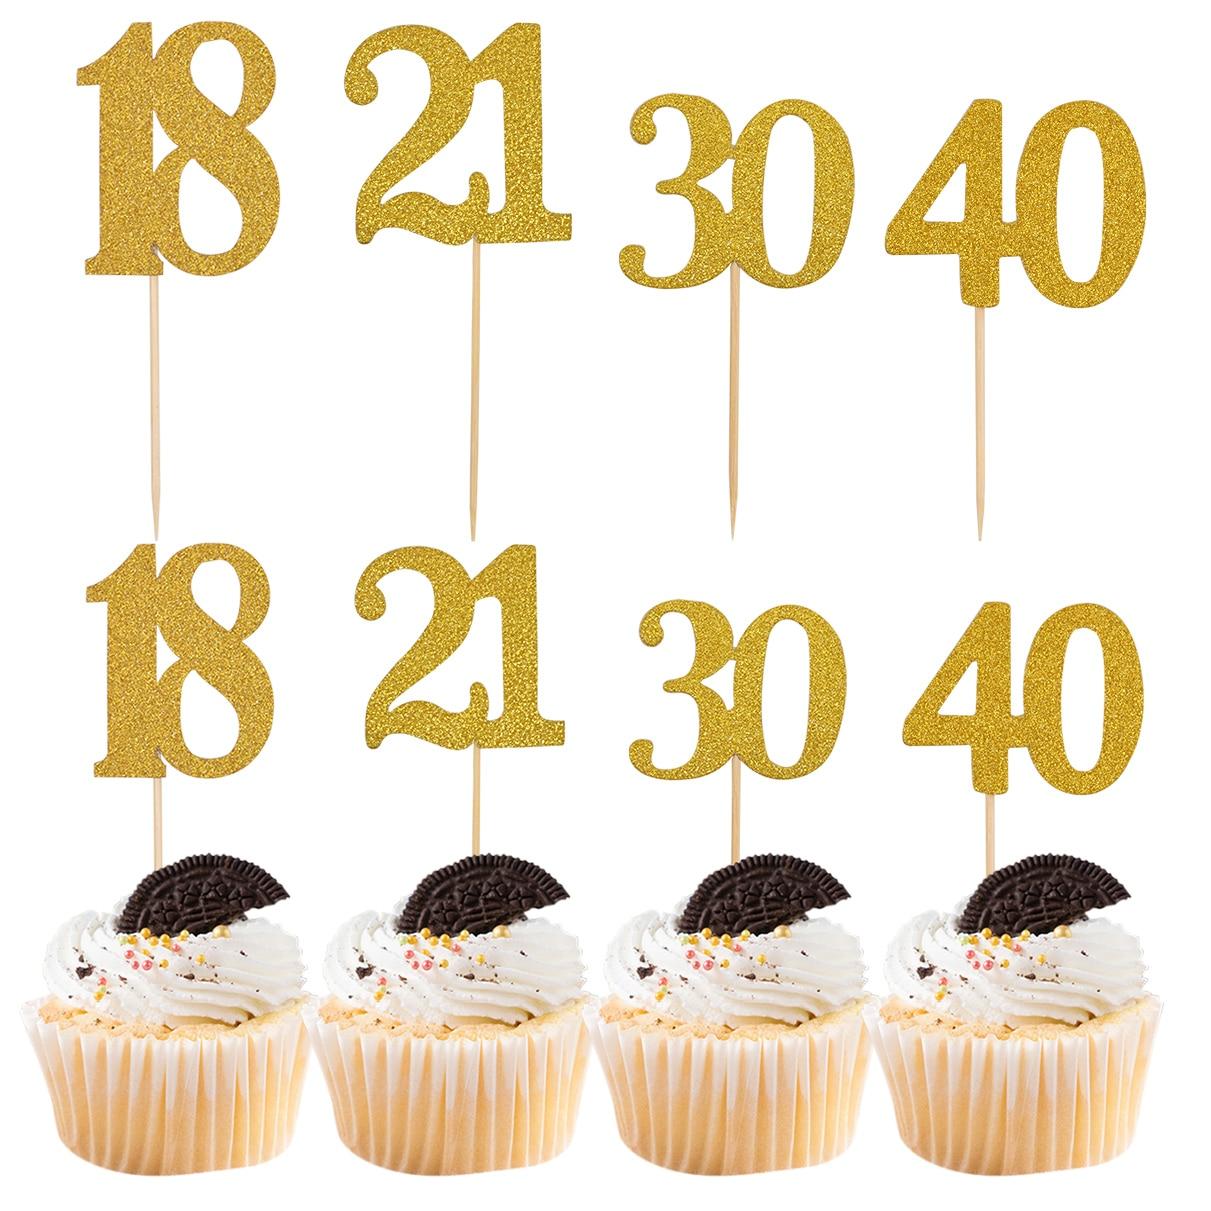 Топпер для торта с золотыми цифрами 18 21 30 40 50 60 лет, украшения для дня рождения, бумажные торты с палкой, 10 комплектов